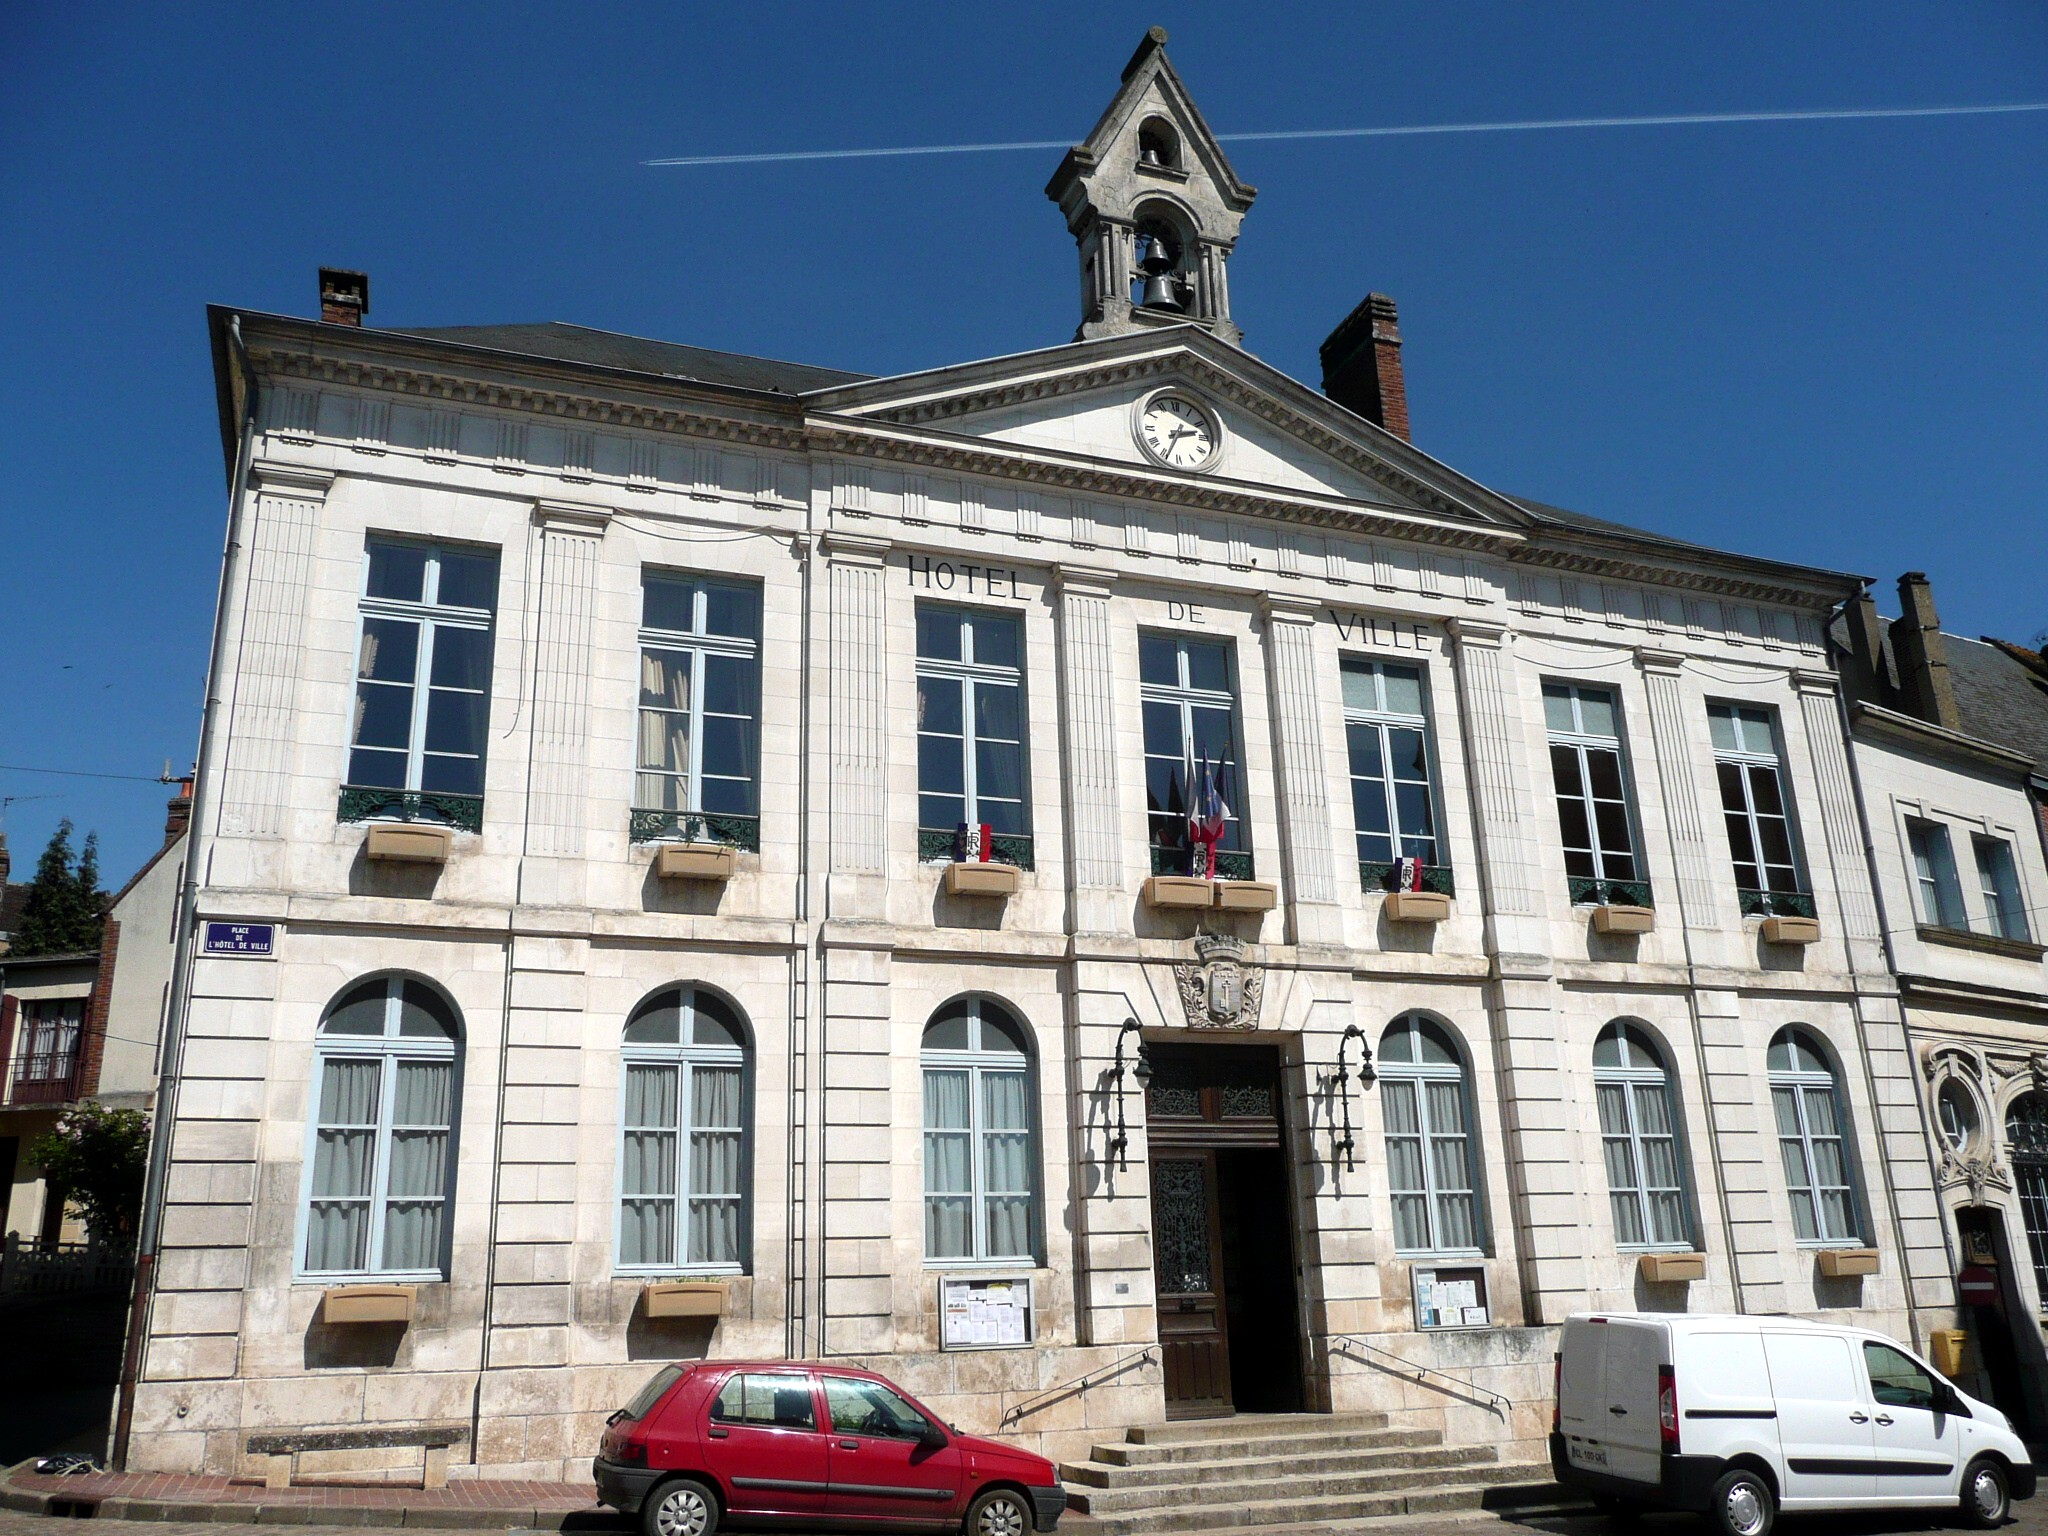 Hotel De Ville De Lalande